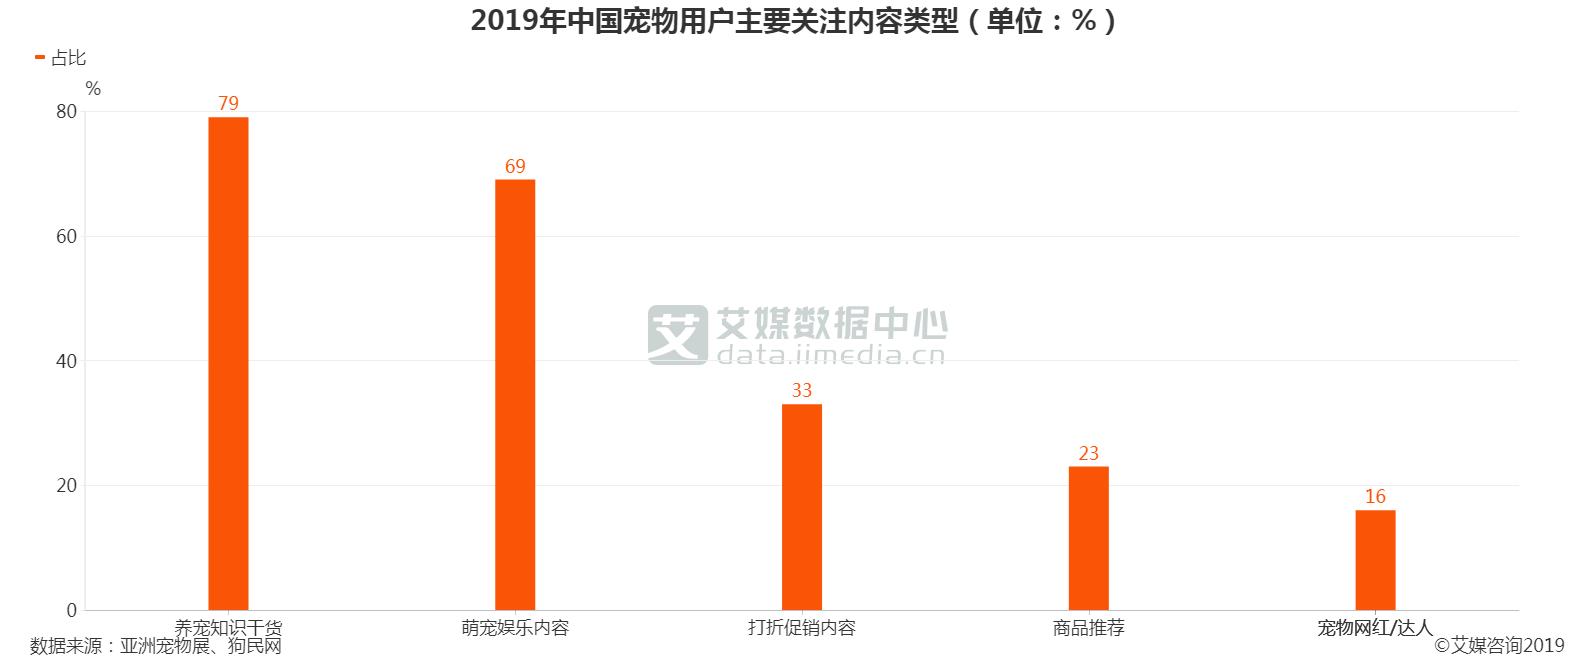 2019年中国宠物用户主要关注内容类型